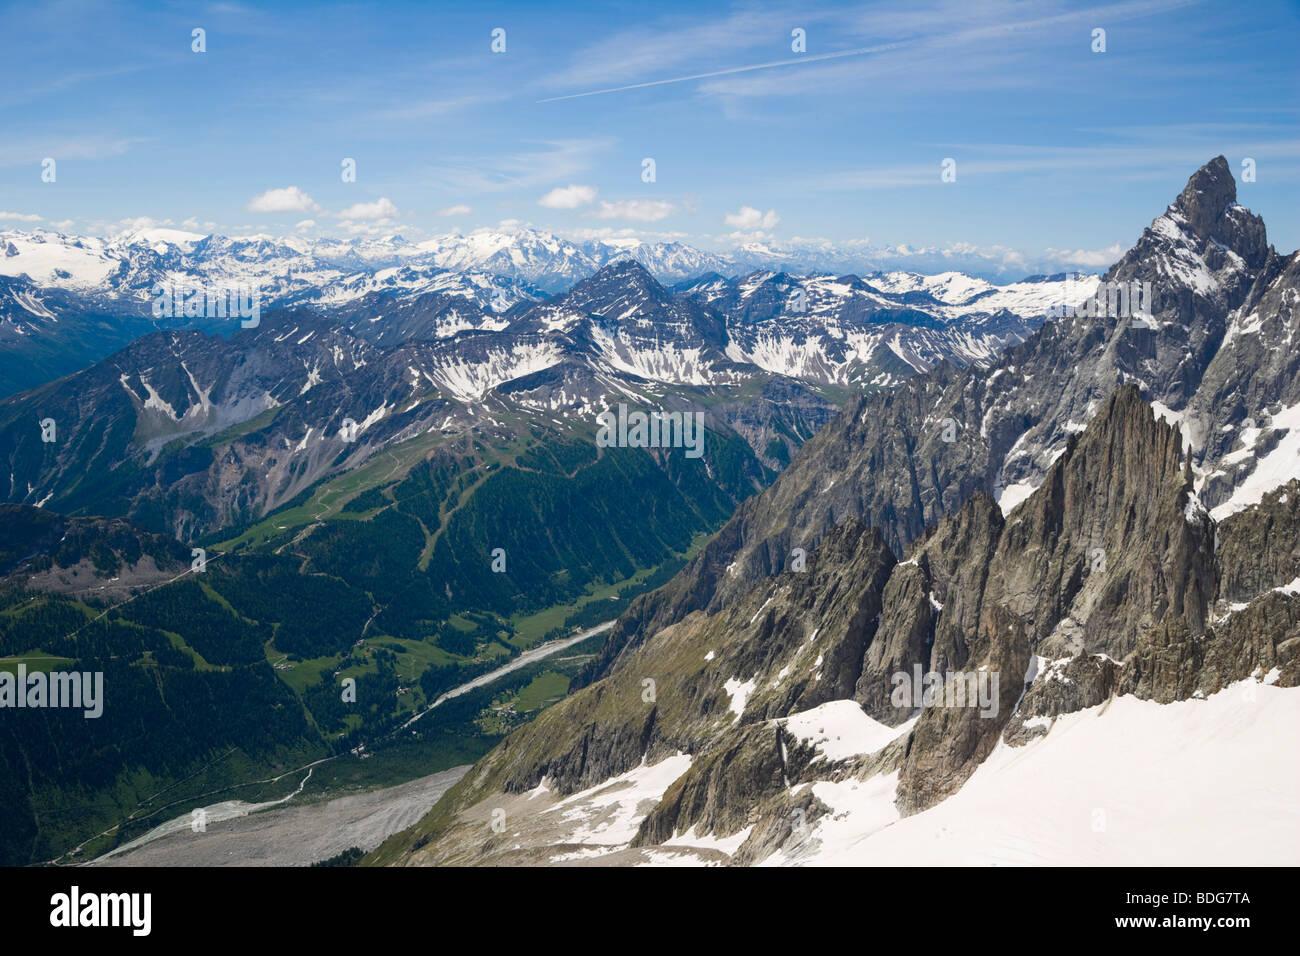 Aiguille Noire de Peuterey, Les Glaciers de la Vanoise, La Grande Motte and Val Veny, Mont Blanc Massif, Alps, Italy, - Stock Image